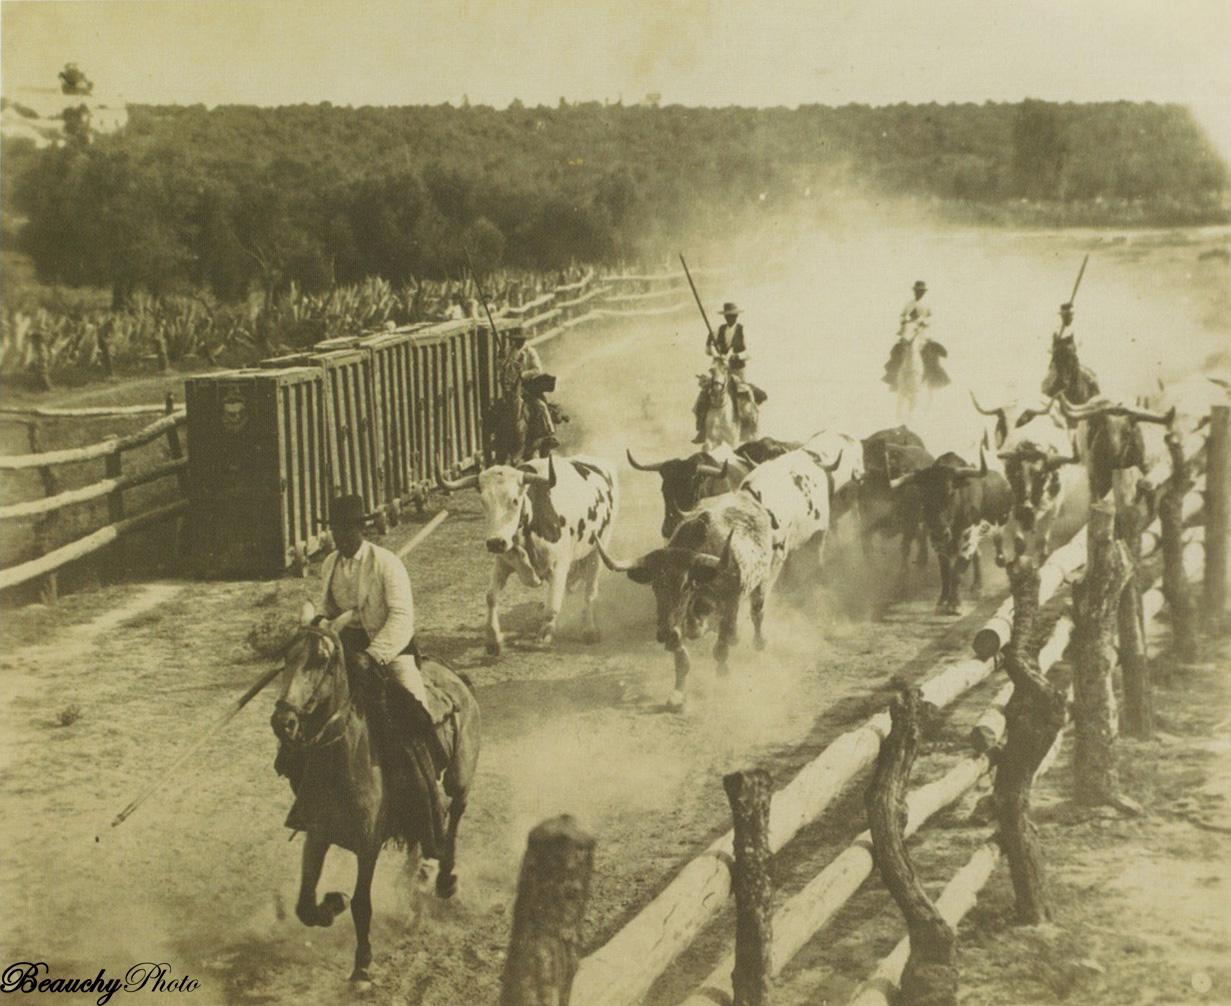 Final del encierro de toros en Sevilla en 1897